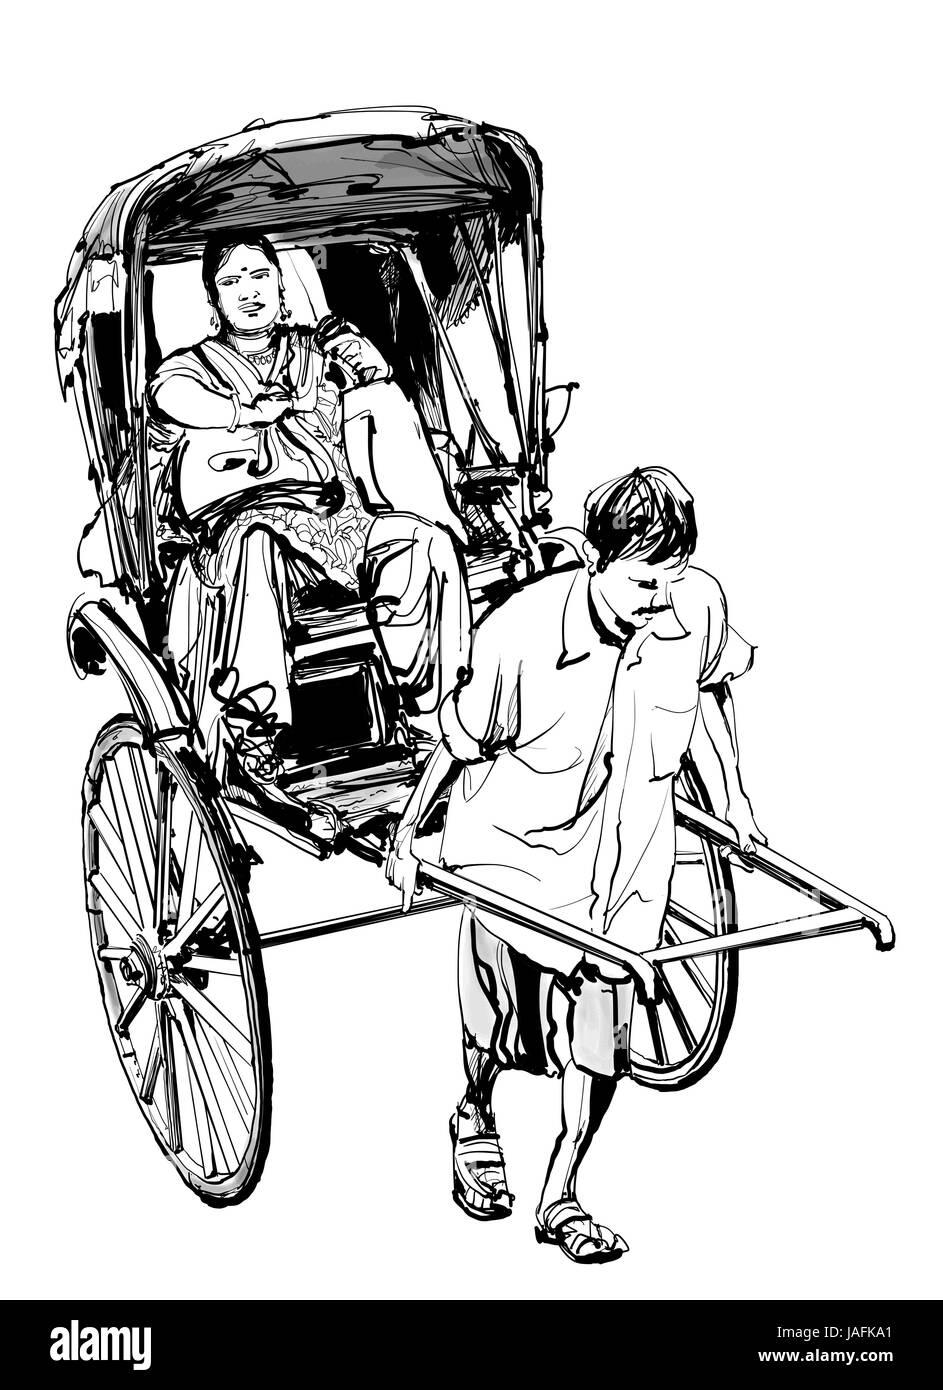 Kolkata, India - drawing a rickshaw with a passenger - vector illustration - Stock Vector